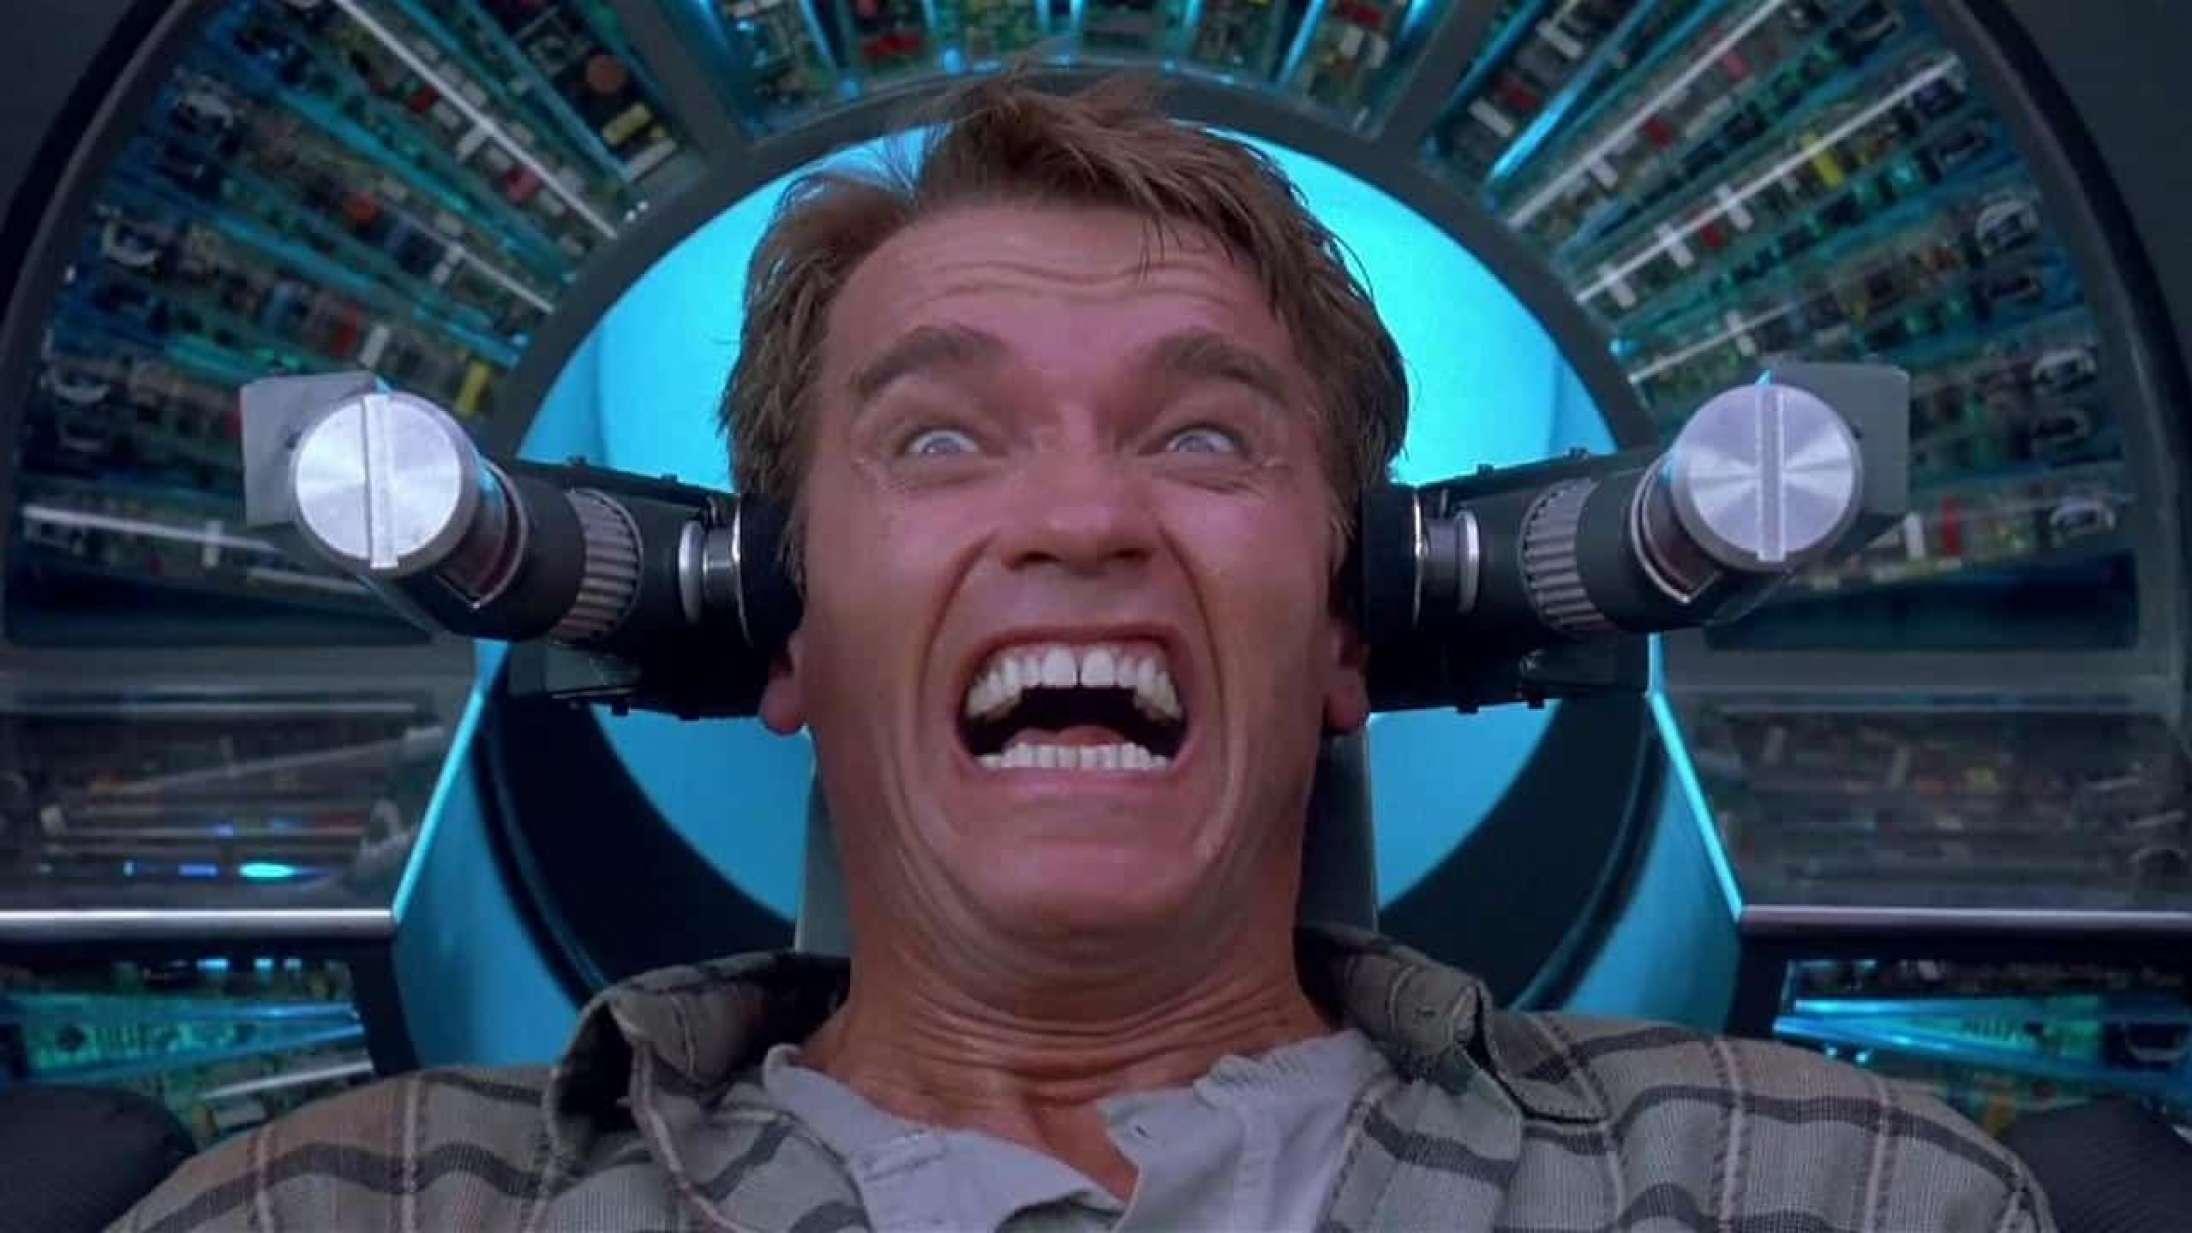 Disse film og serier spåede uhyggeligt præcist om fremtiden